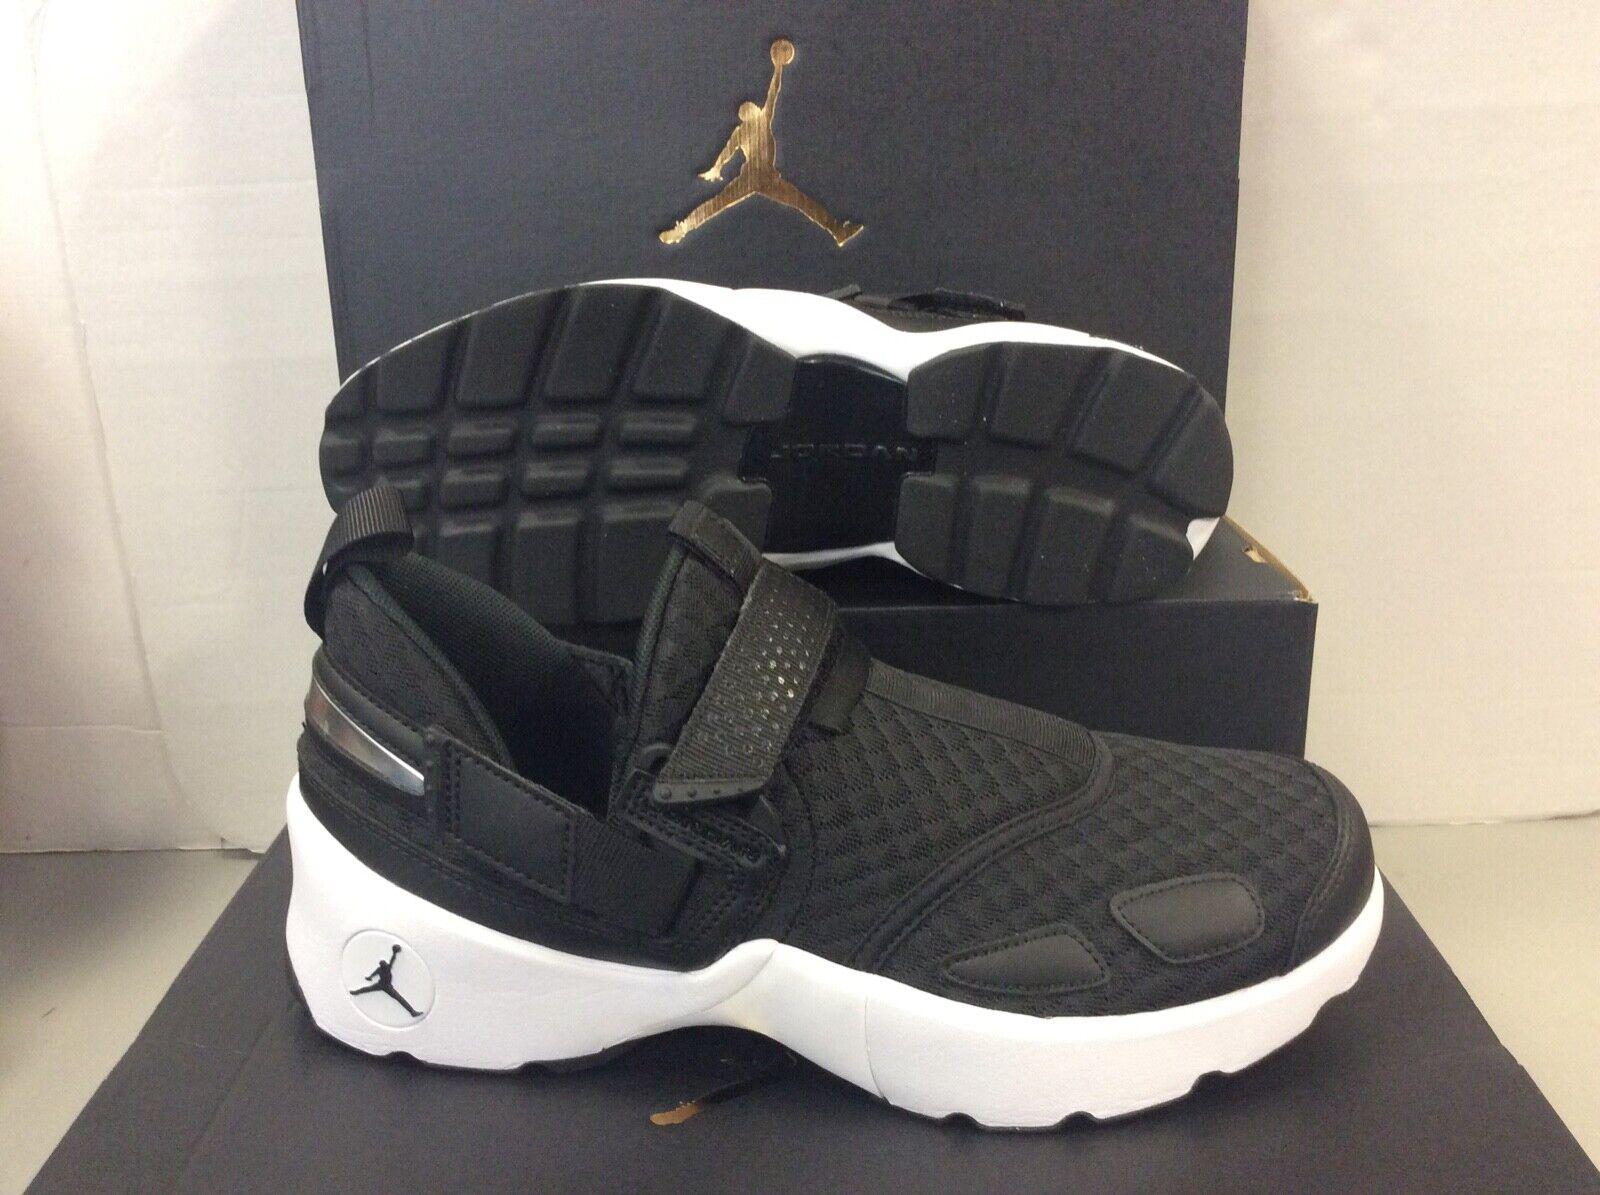 Nike JORDAN TRUNNER LX Negro blancoo De Hombre Zapatillas, Talla UK 10 45 euros